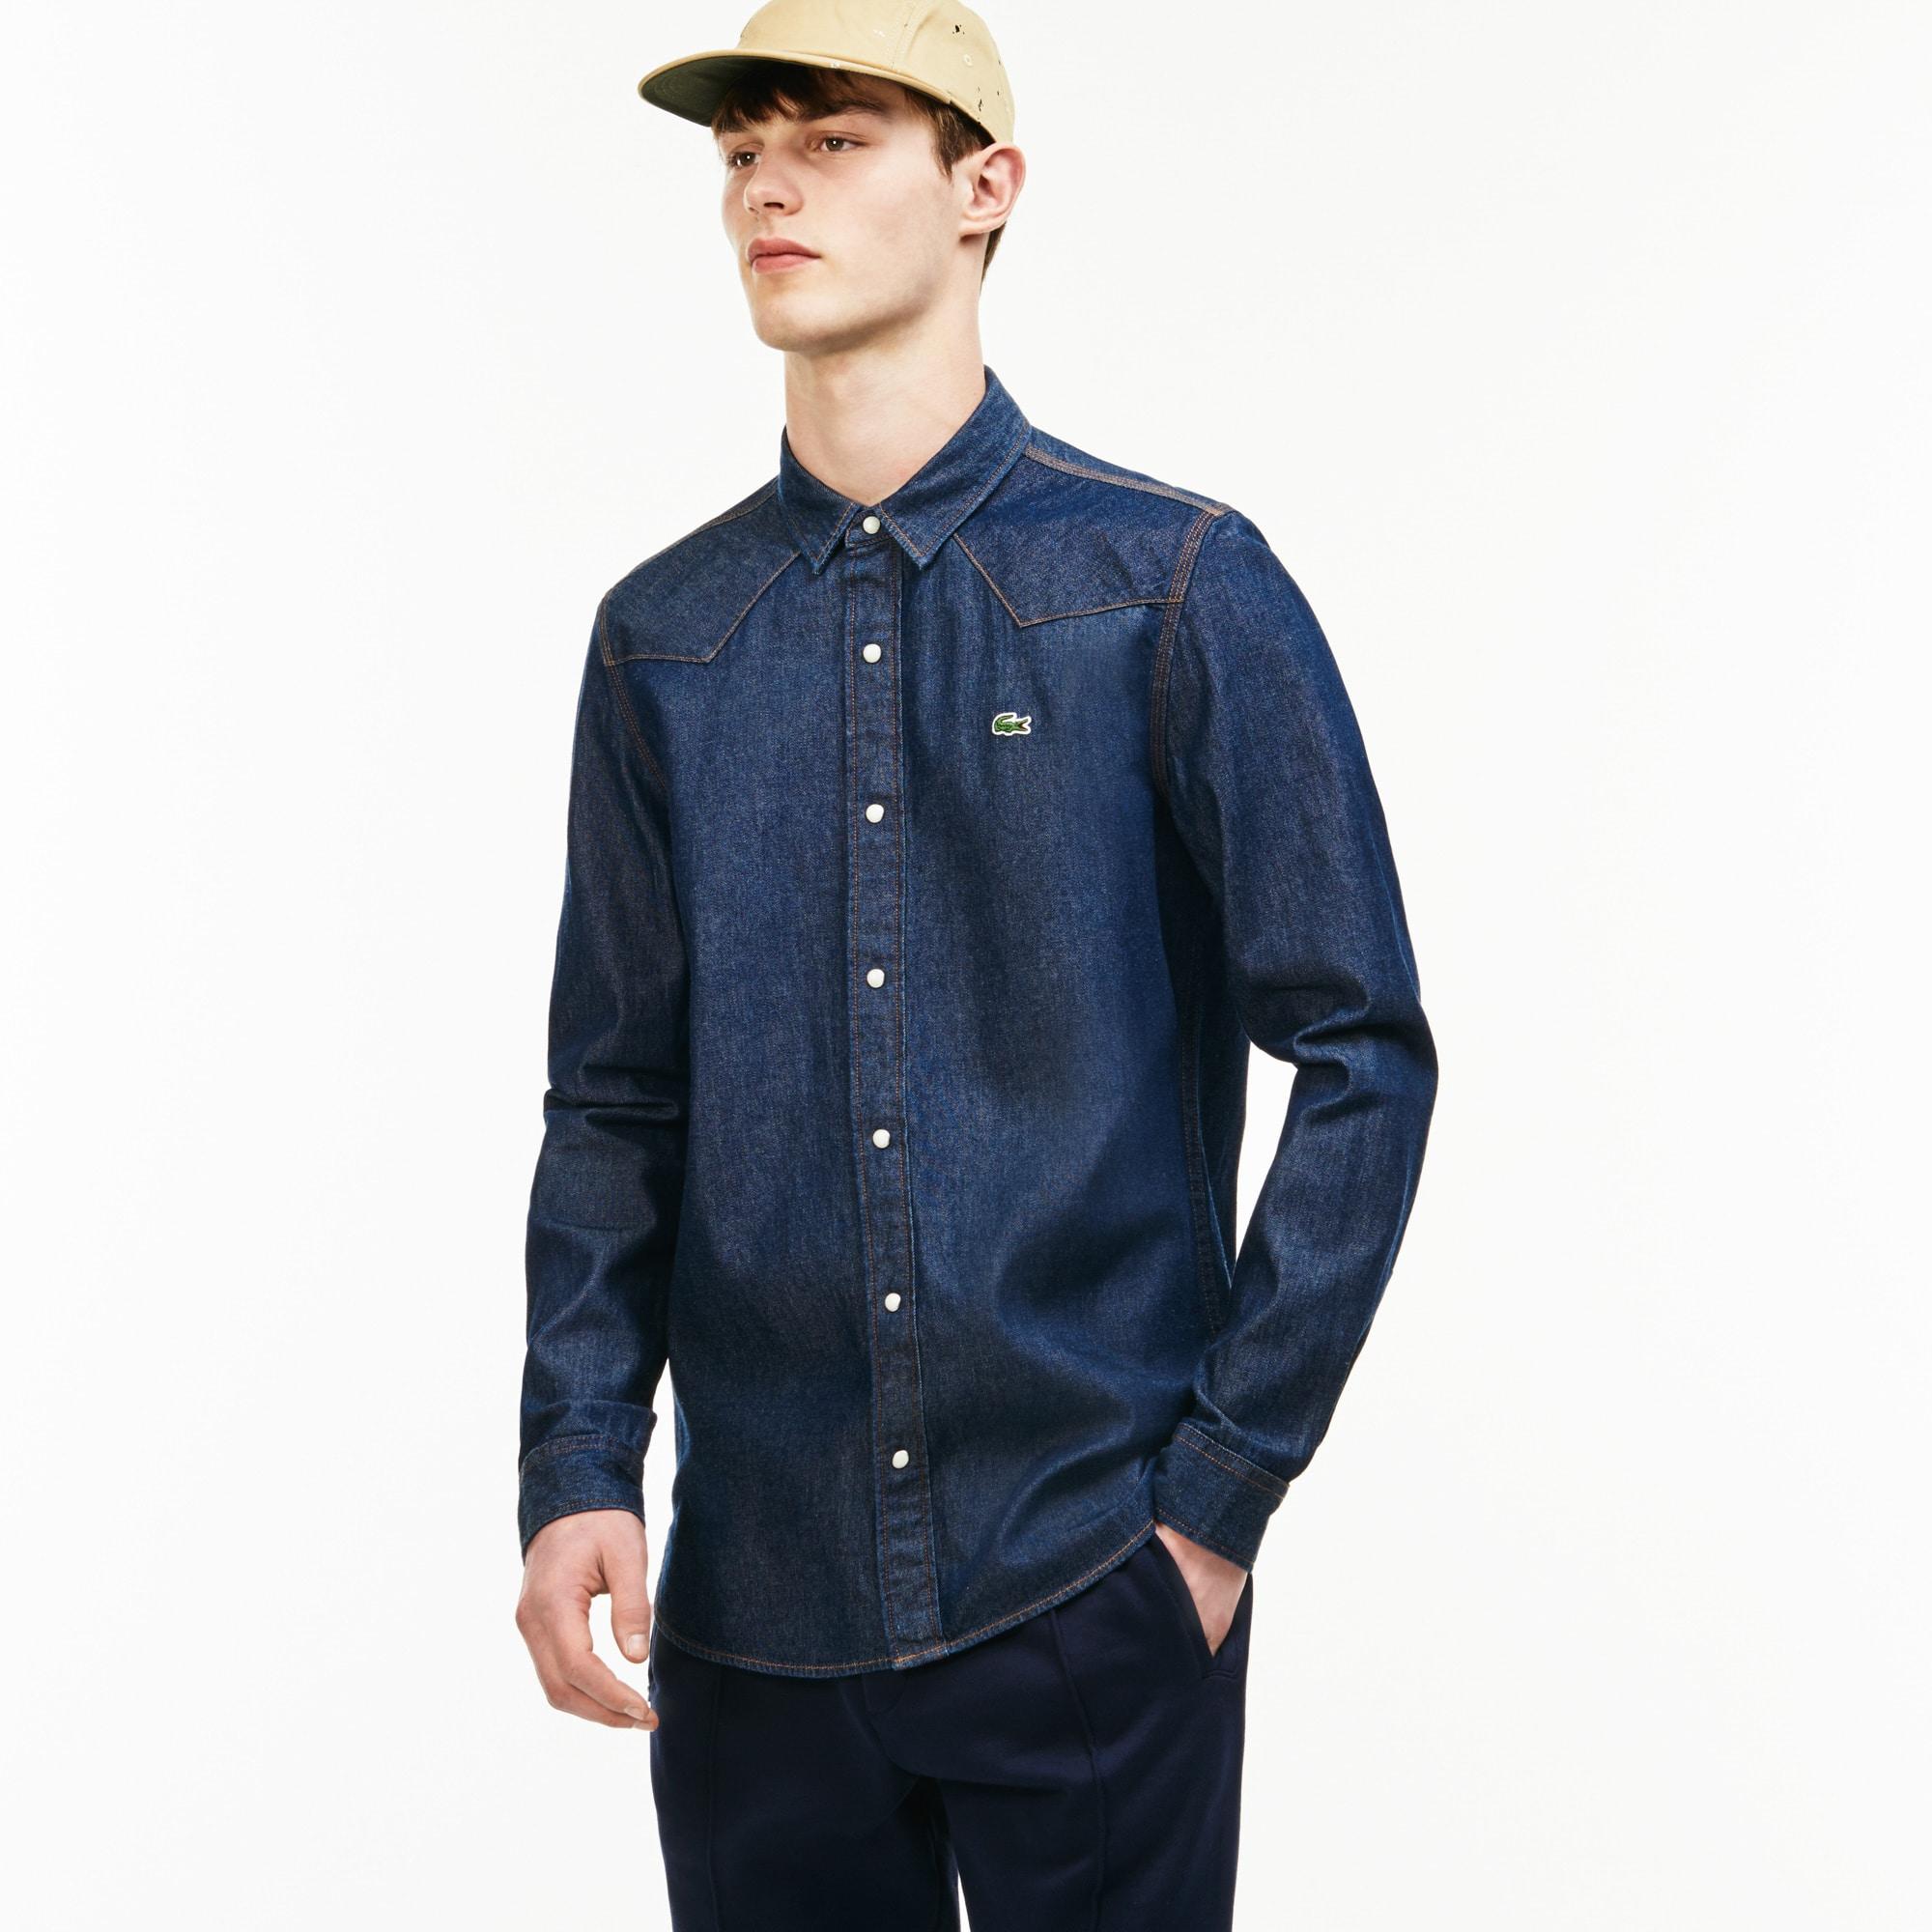 Camicia slim fit Lacoste LIVE in jeans con motivi western